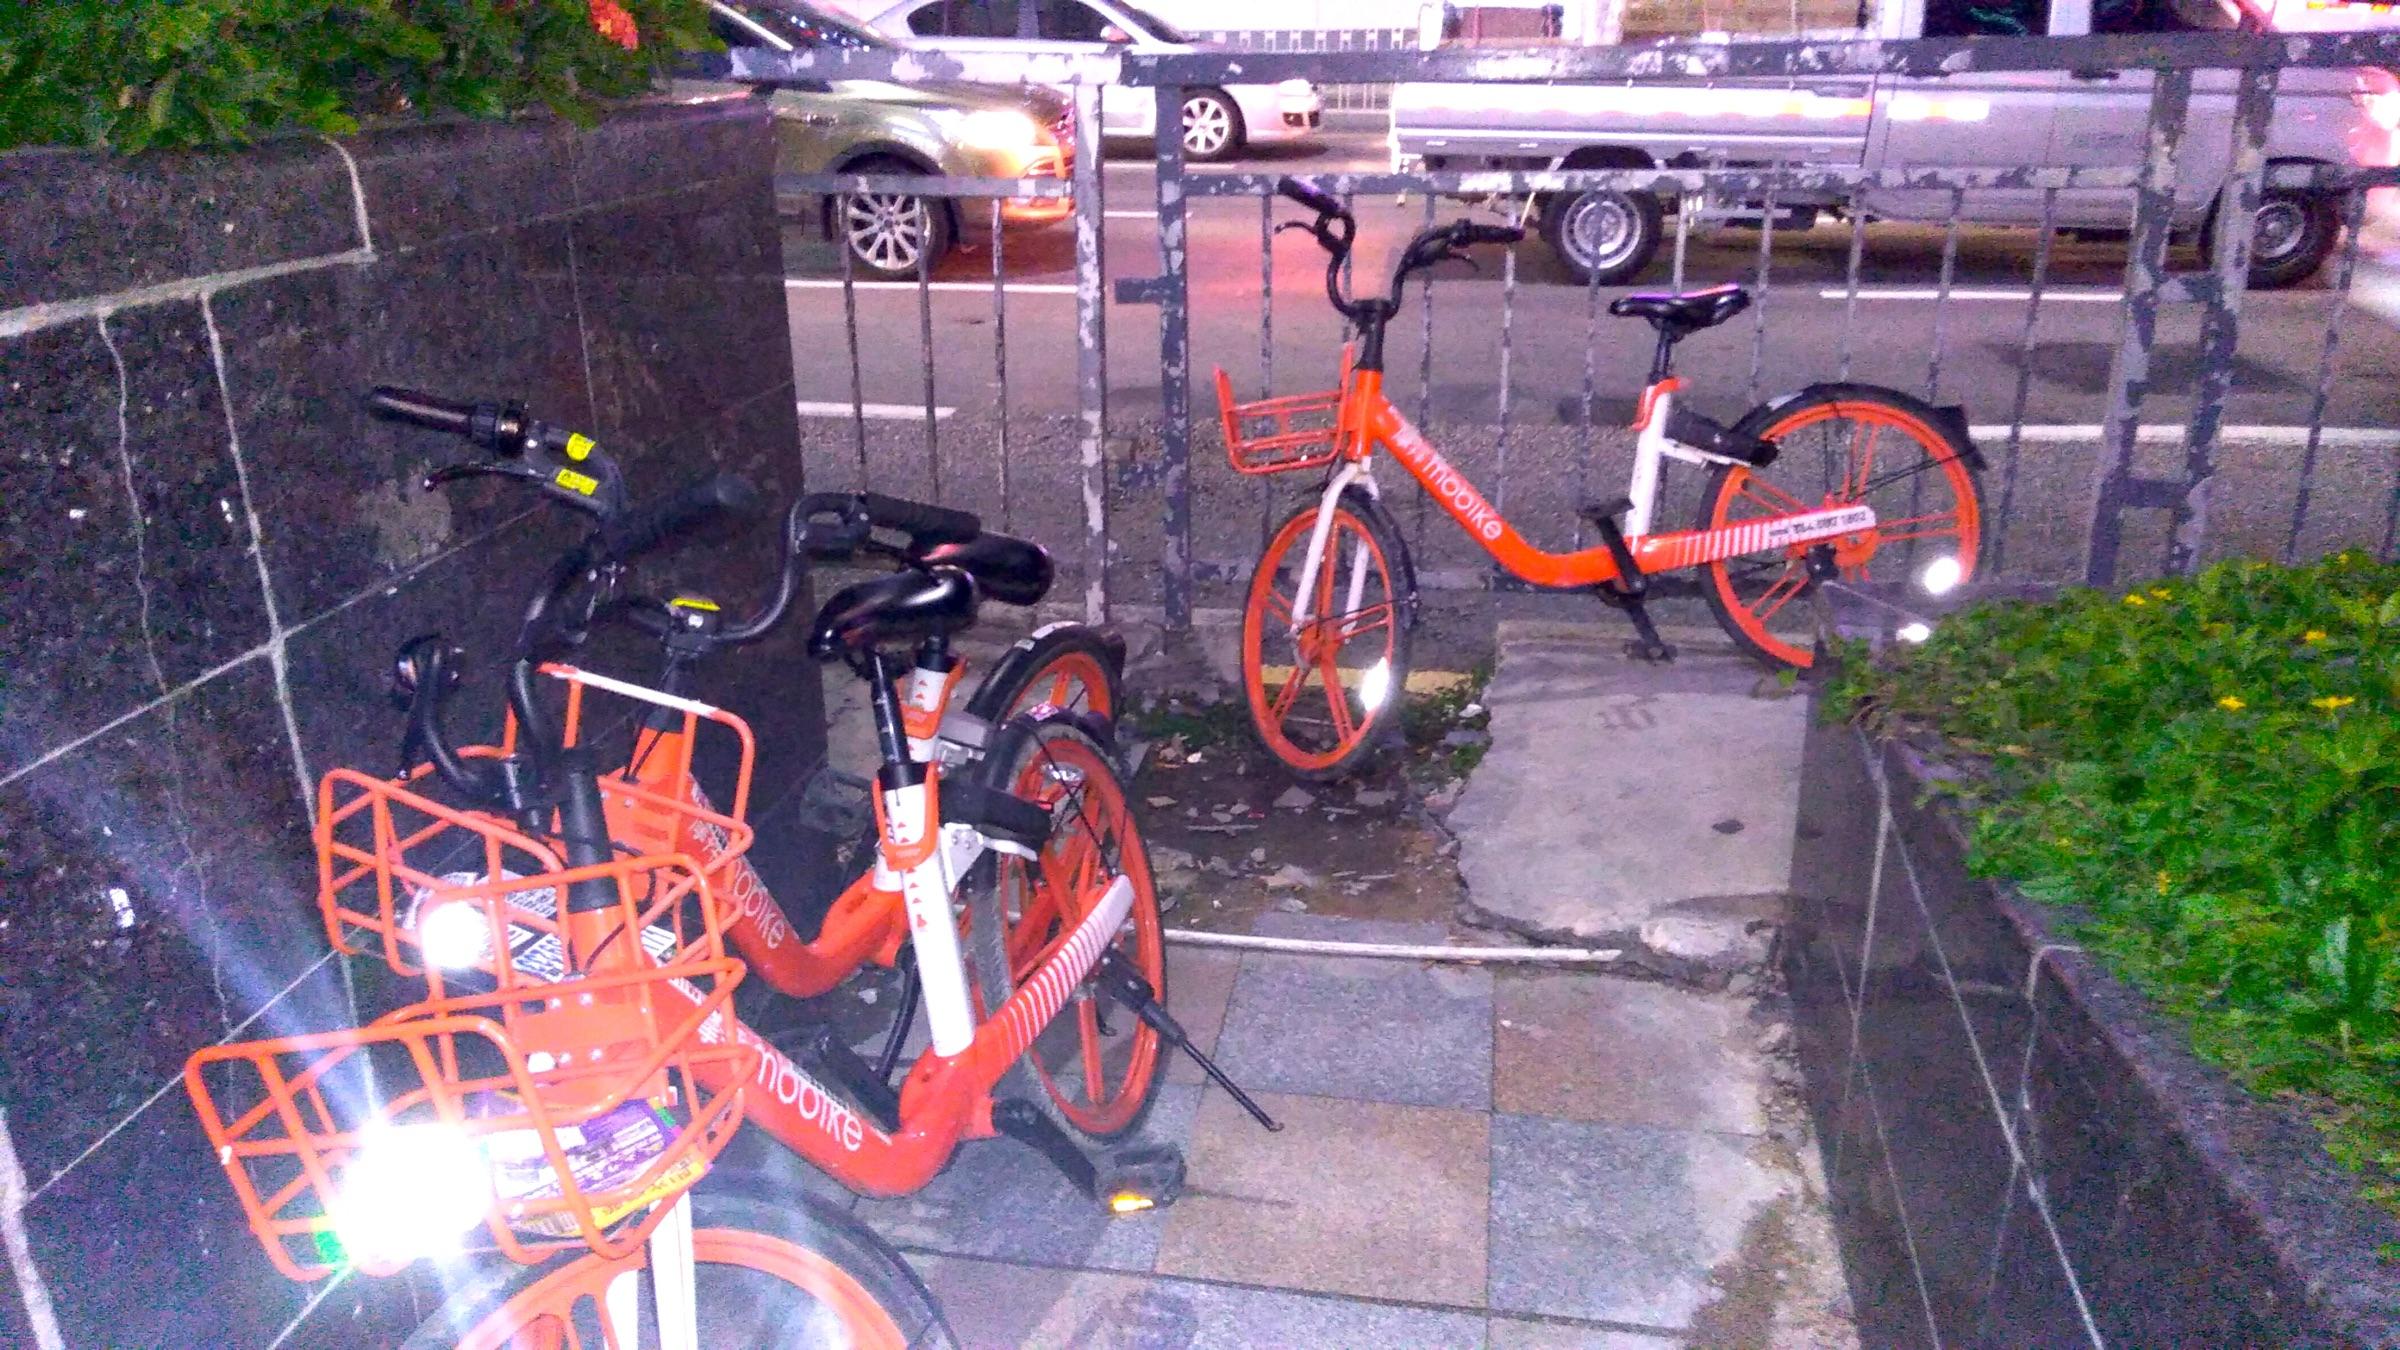 中国 深セン 福田 Mobike 乗り捨てられた自転車 Shenzhen Futian_[0]